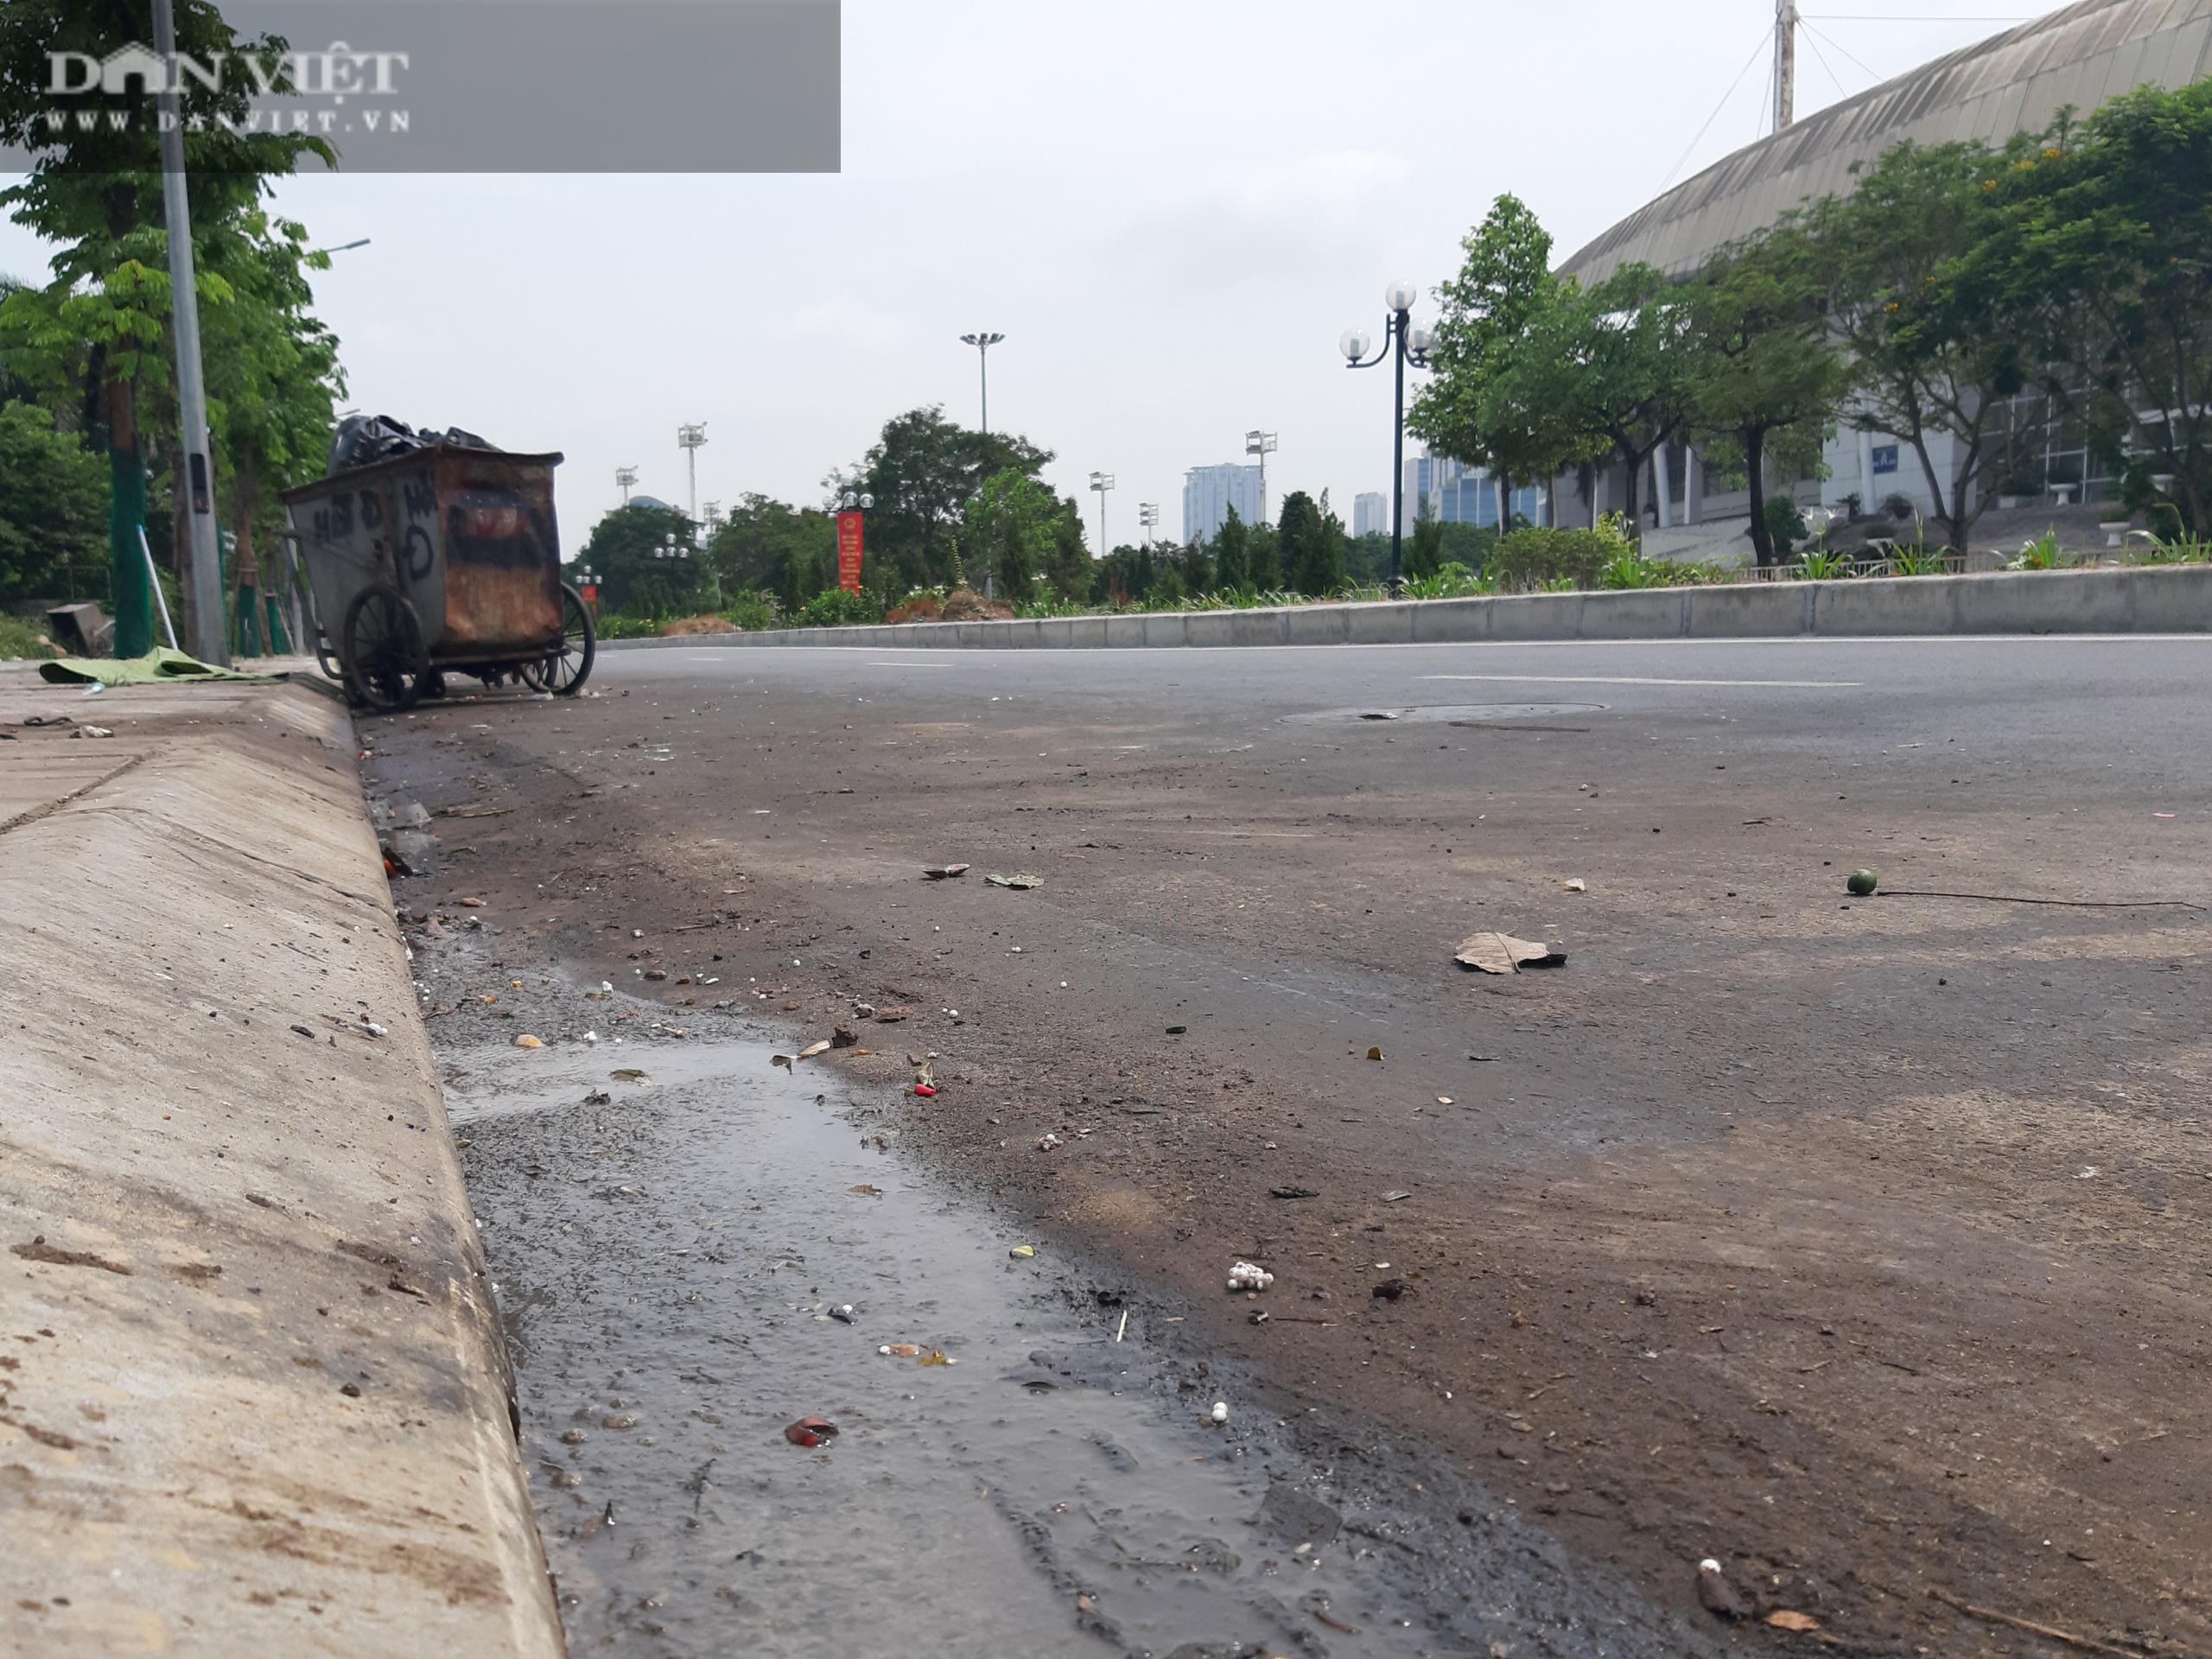 Bài 2: Tràn lan hình ảnh gây ô nhiễm của các công ty bảo vệ môi trường giữa thủ đô - Ảnh 8.